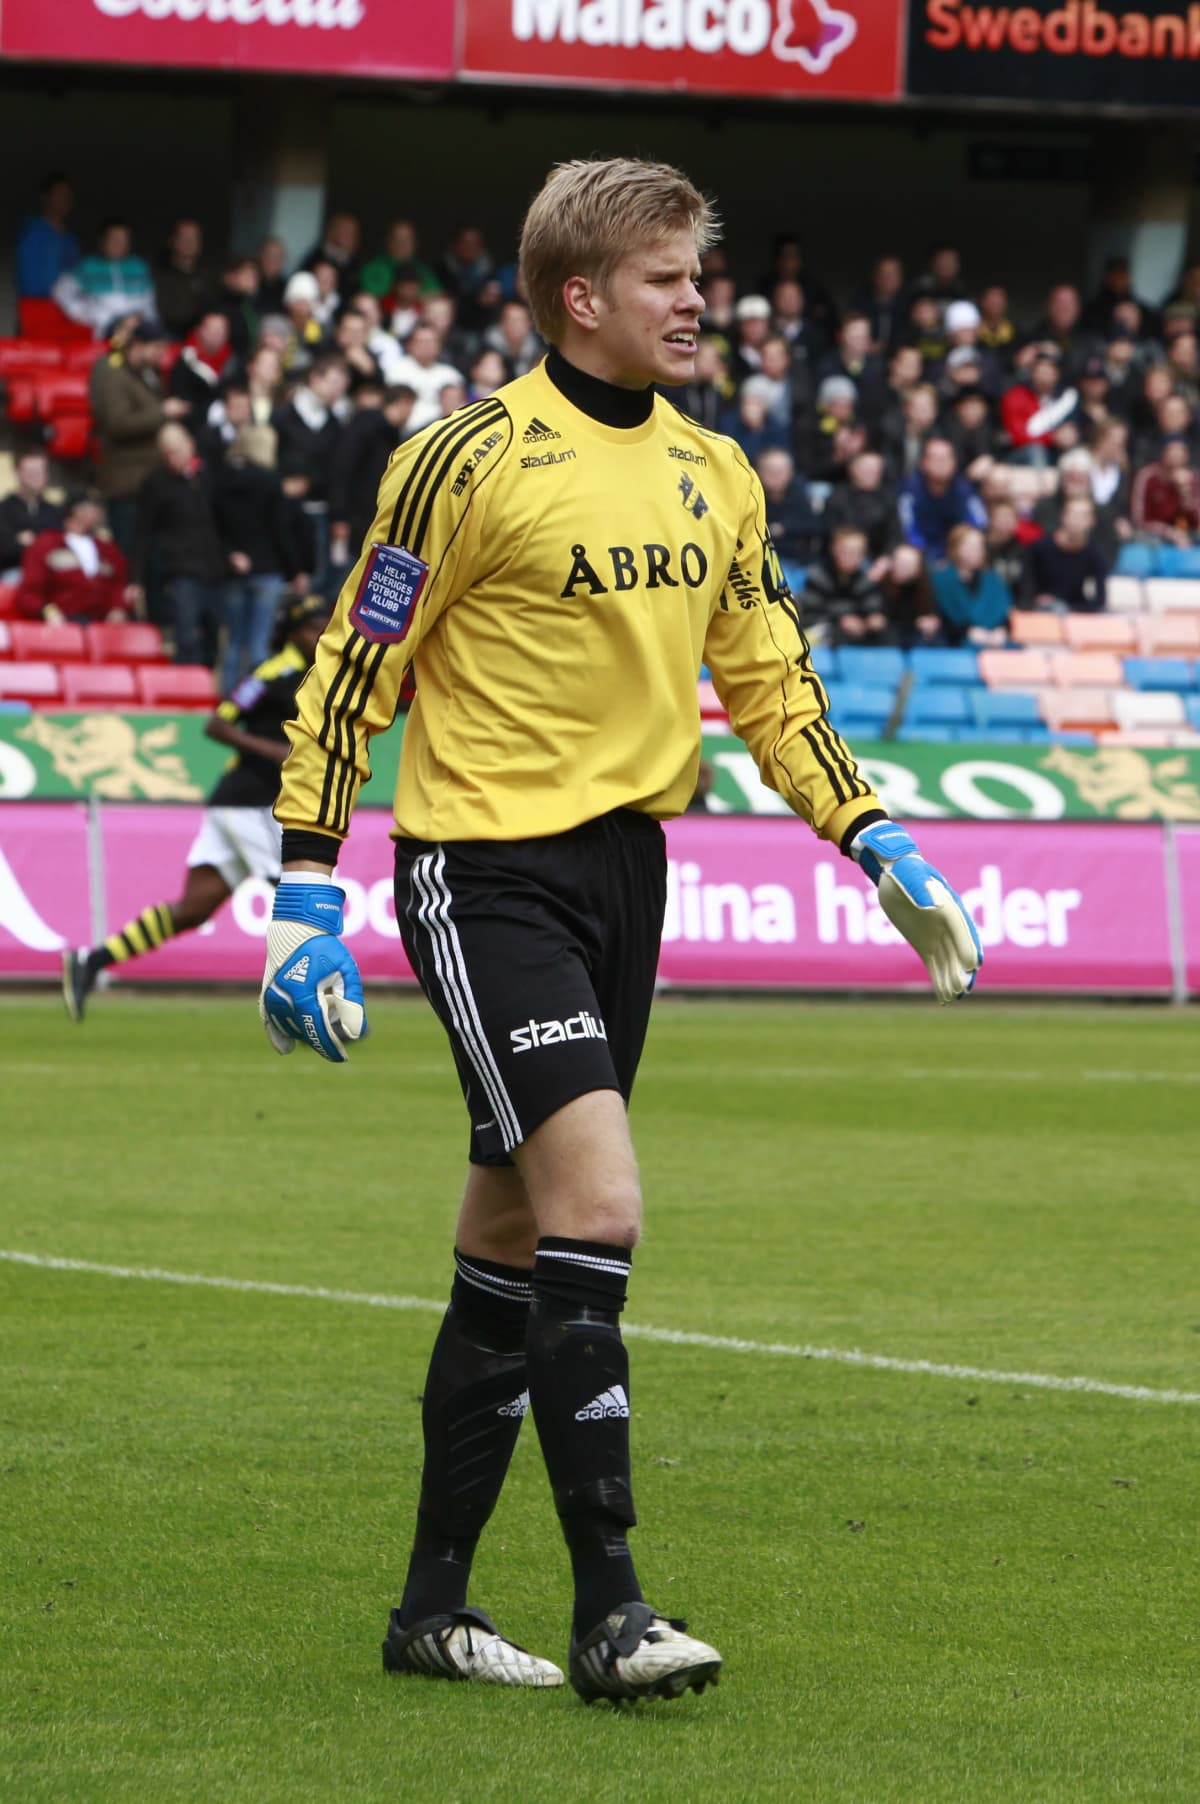 Tomi Maanoja AIK:n paidassa 9.5.2010